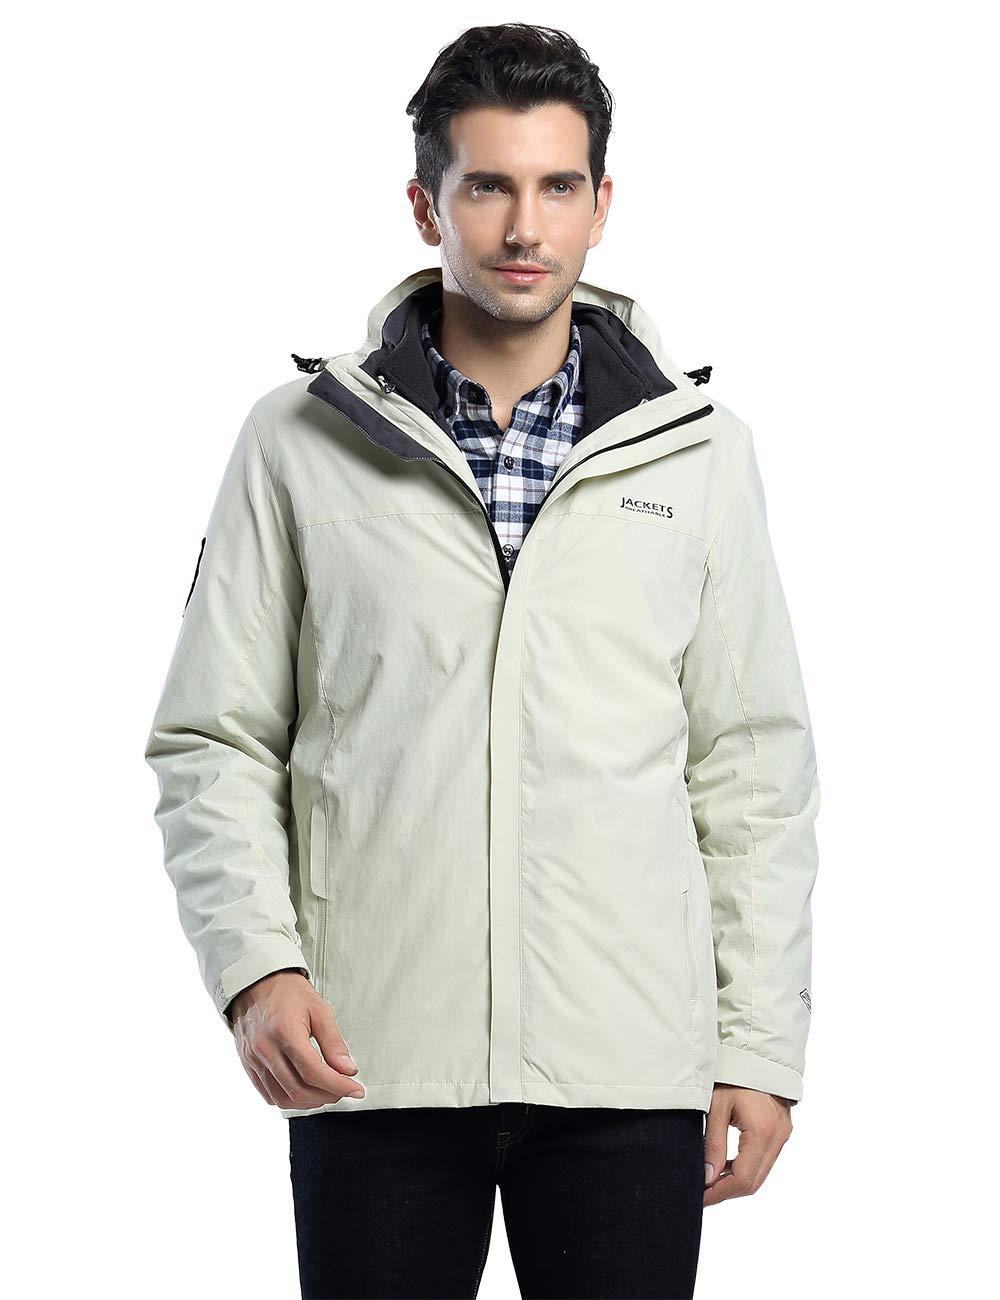 Camii Mia Men's 3 in 1 Rain Ski Jacket Waterproof Windbreaker Mountain Winter Hooded Coat